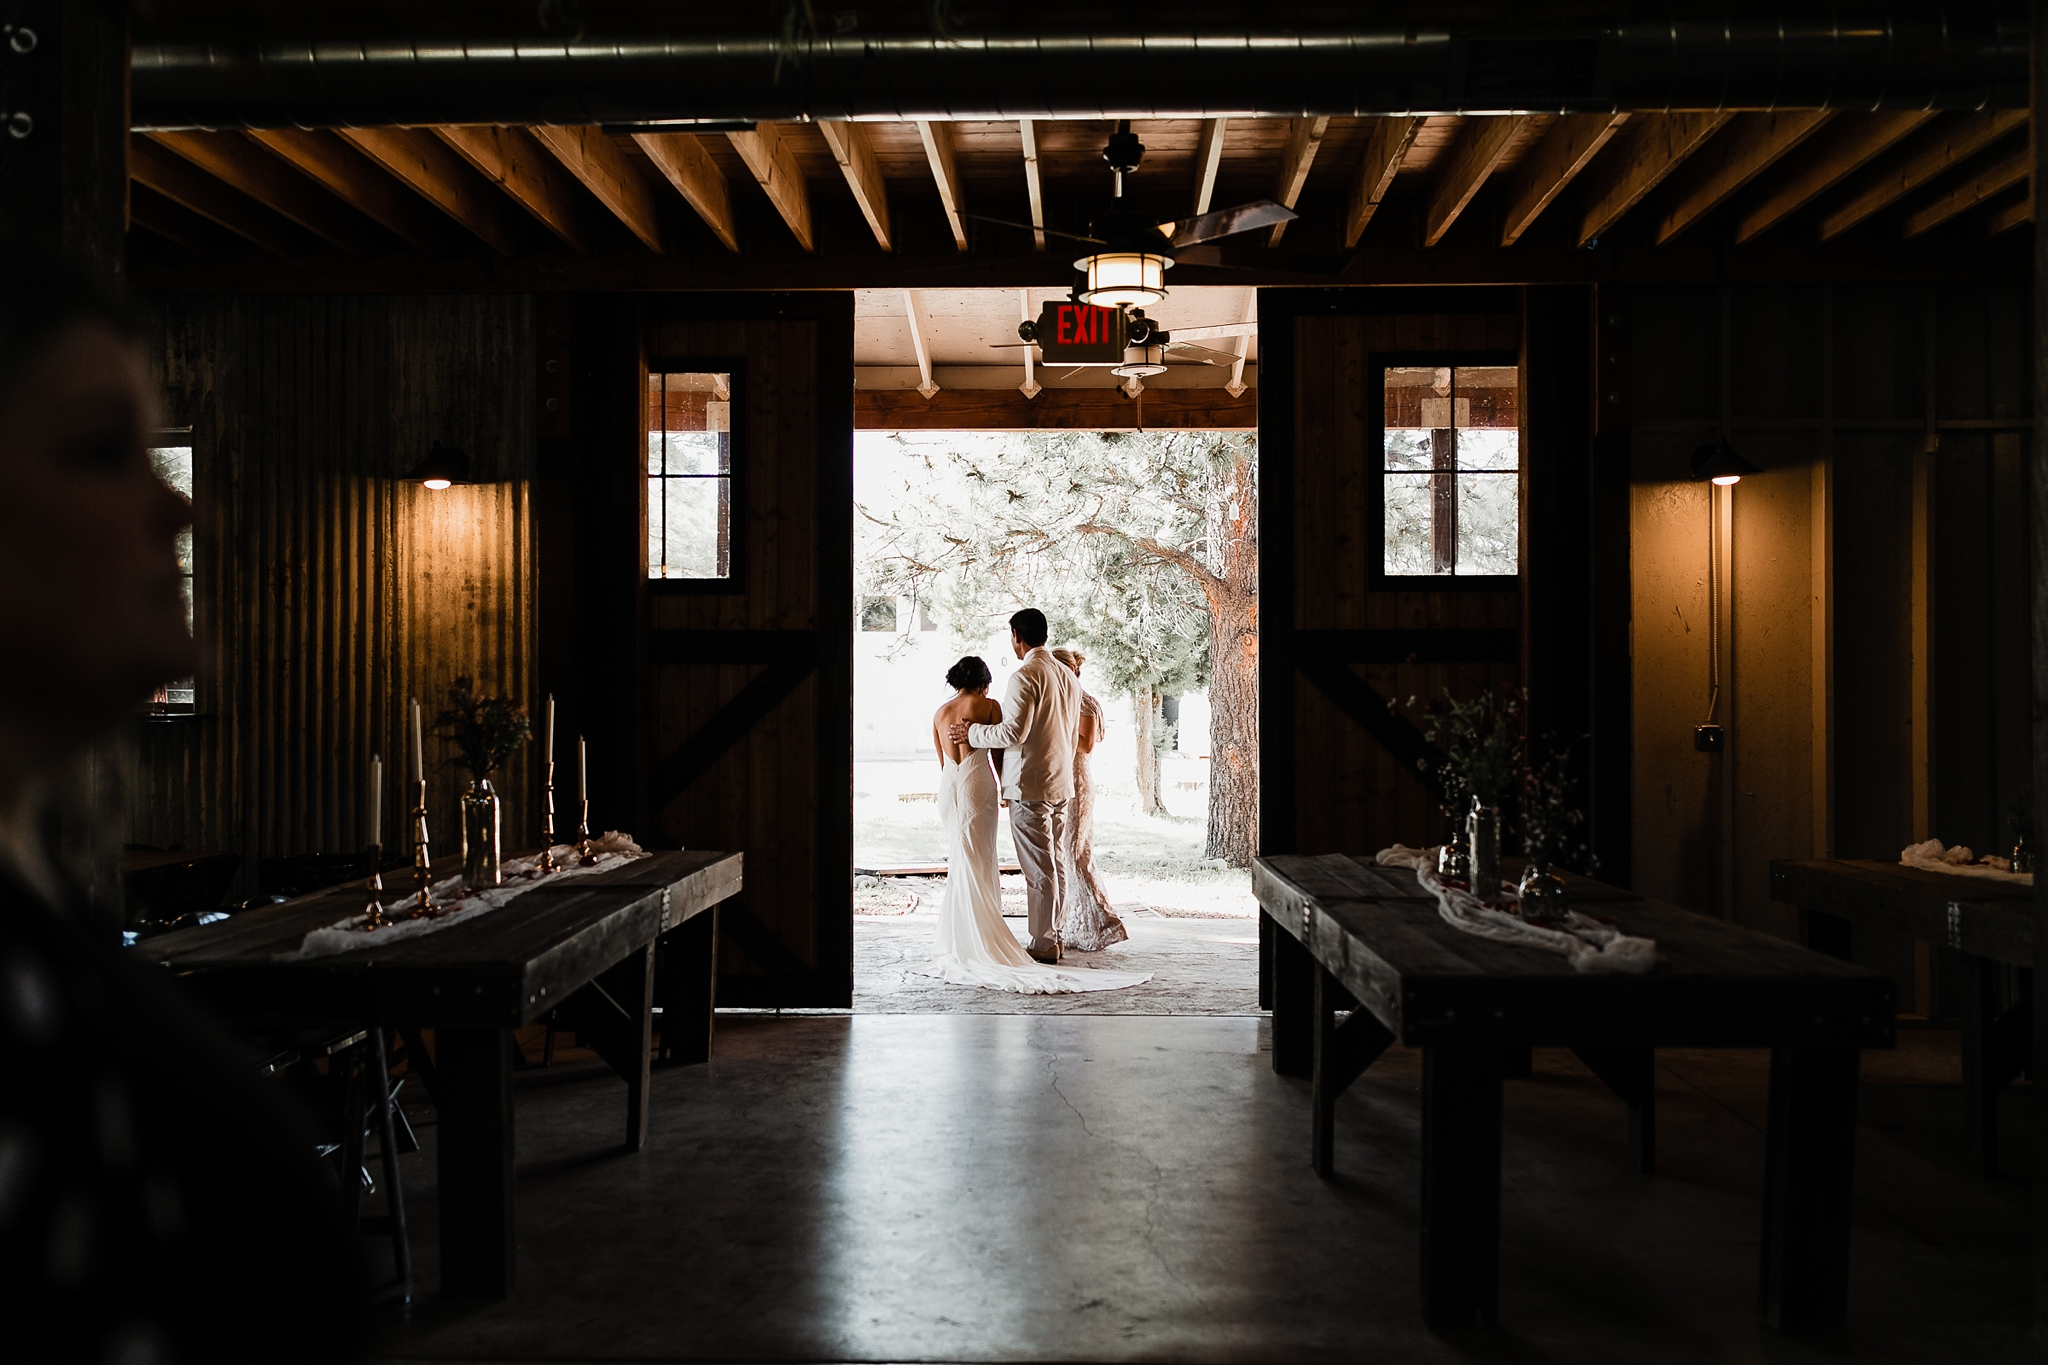 Alicia+lucia+photography+-+albuquerque+wedding+photographer+-+santa+fe+wedding+photography+-+new+mexico+wedding+photographer+-+new+mexico+wedding+-+new+mexico+wedding+-+barn+wedding+-+enchanted+vine+barn+wedding+-+ruidoso+wedding_0066.jpg